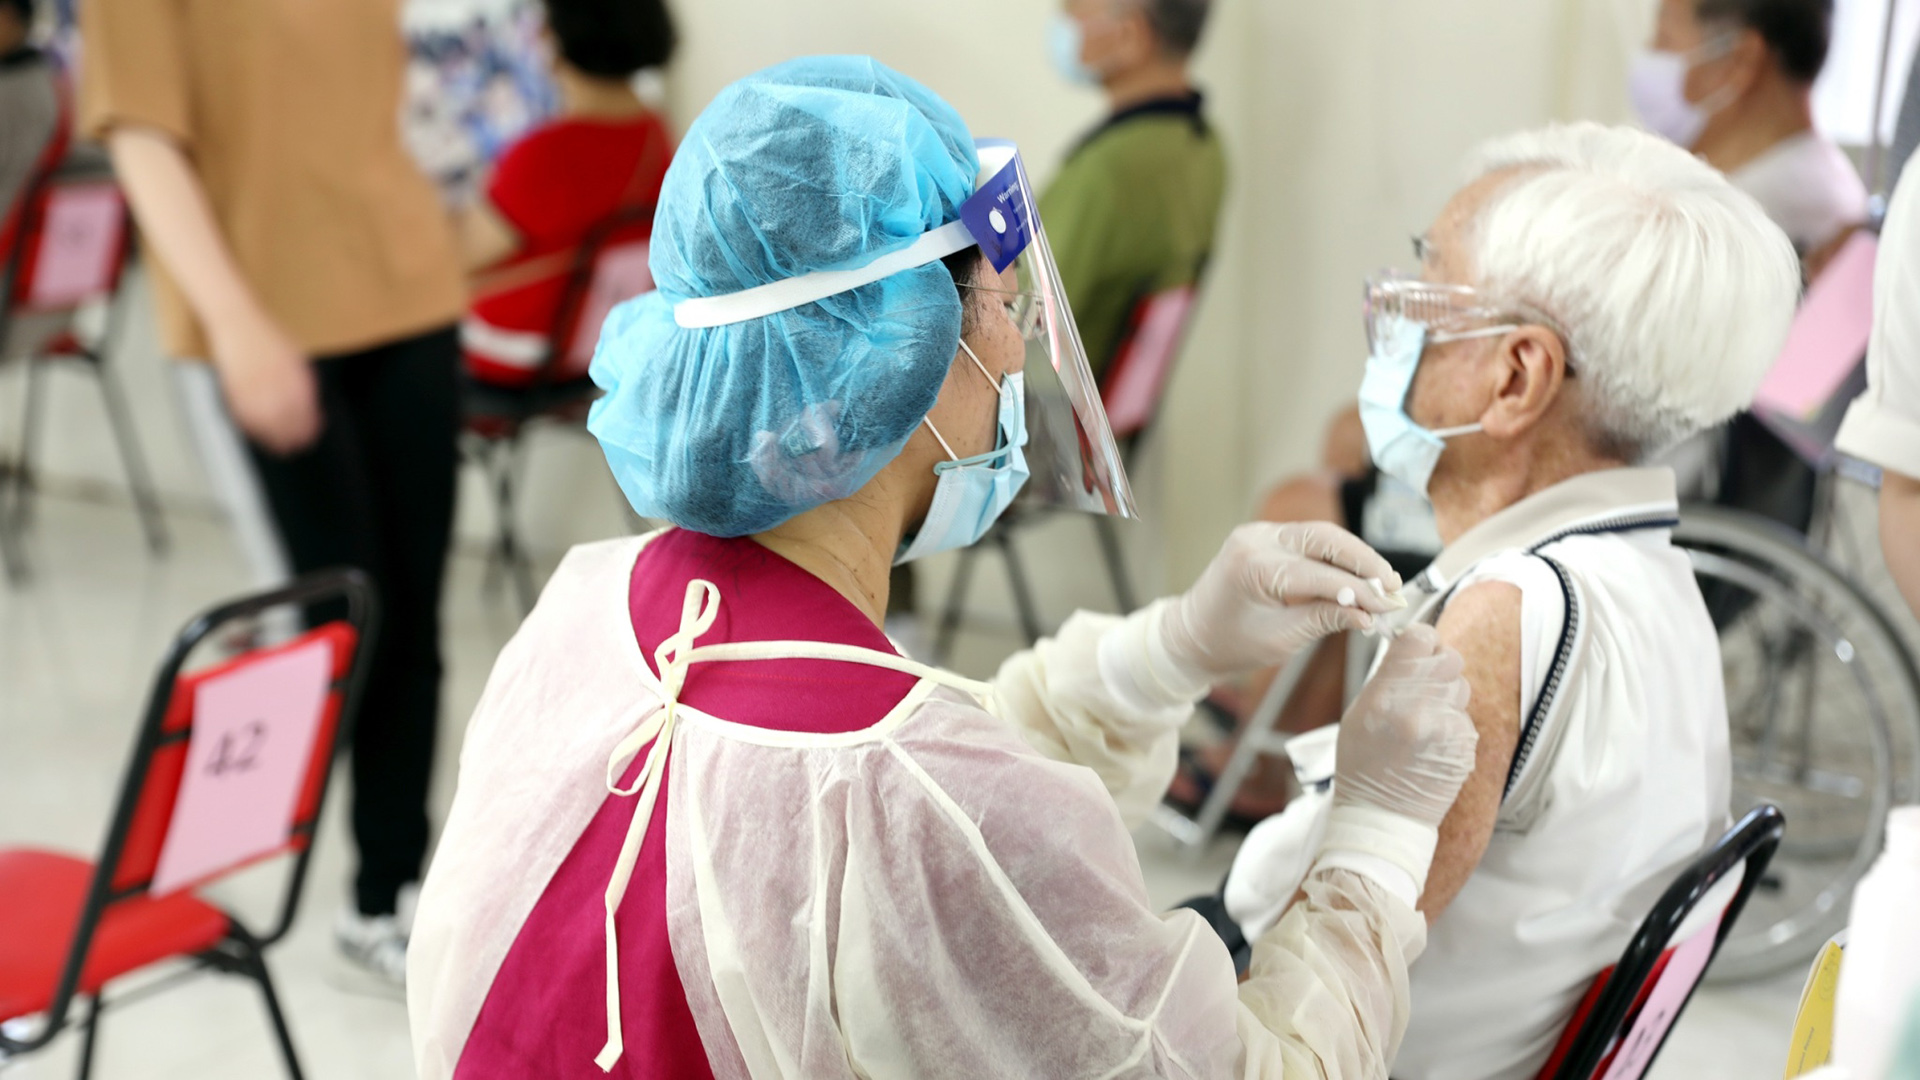 沙鹿聯絡處預計將有2千多位民眾前來施打第二劑疫苗